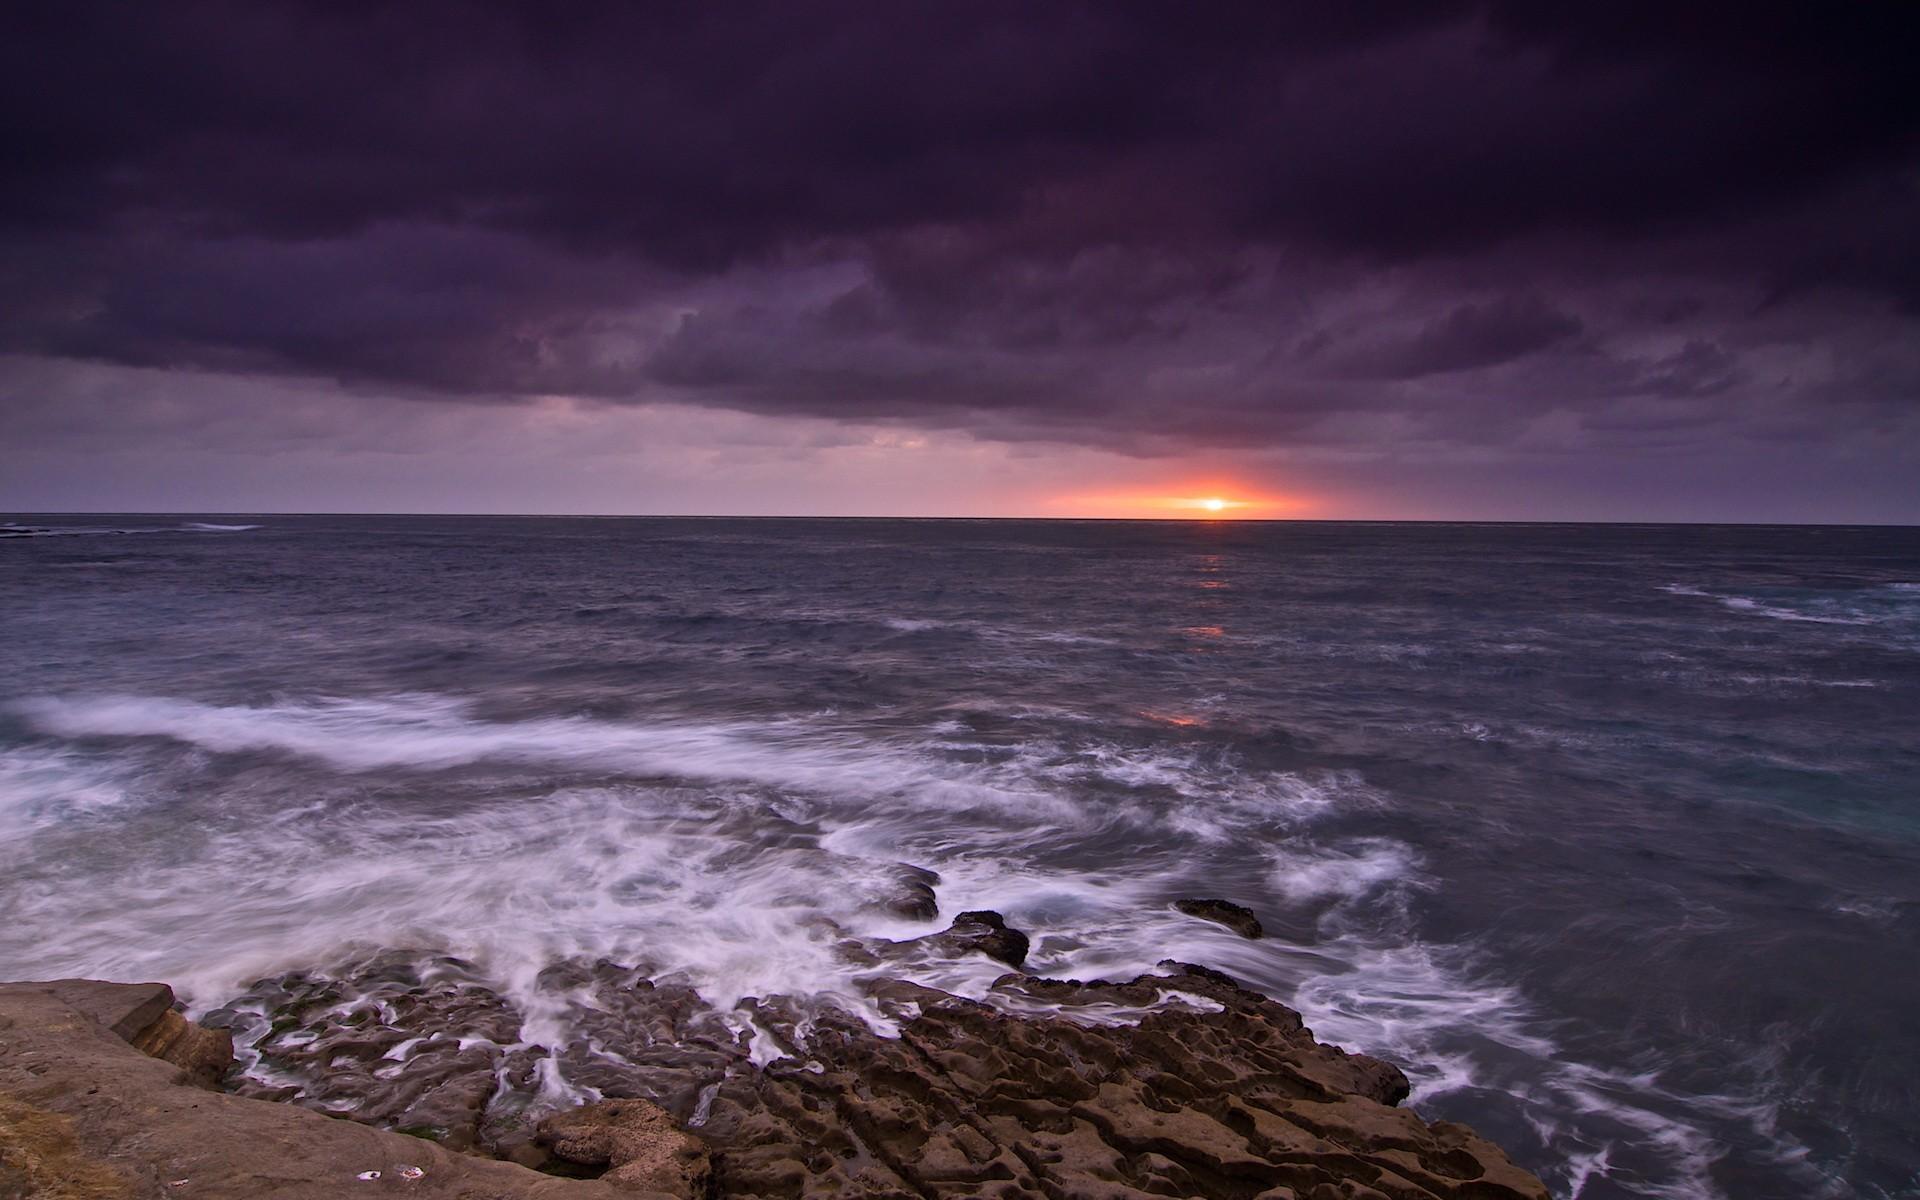 закат над бушующим морем  № 602828 бесплатно